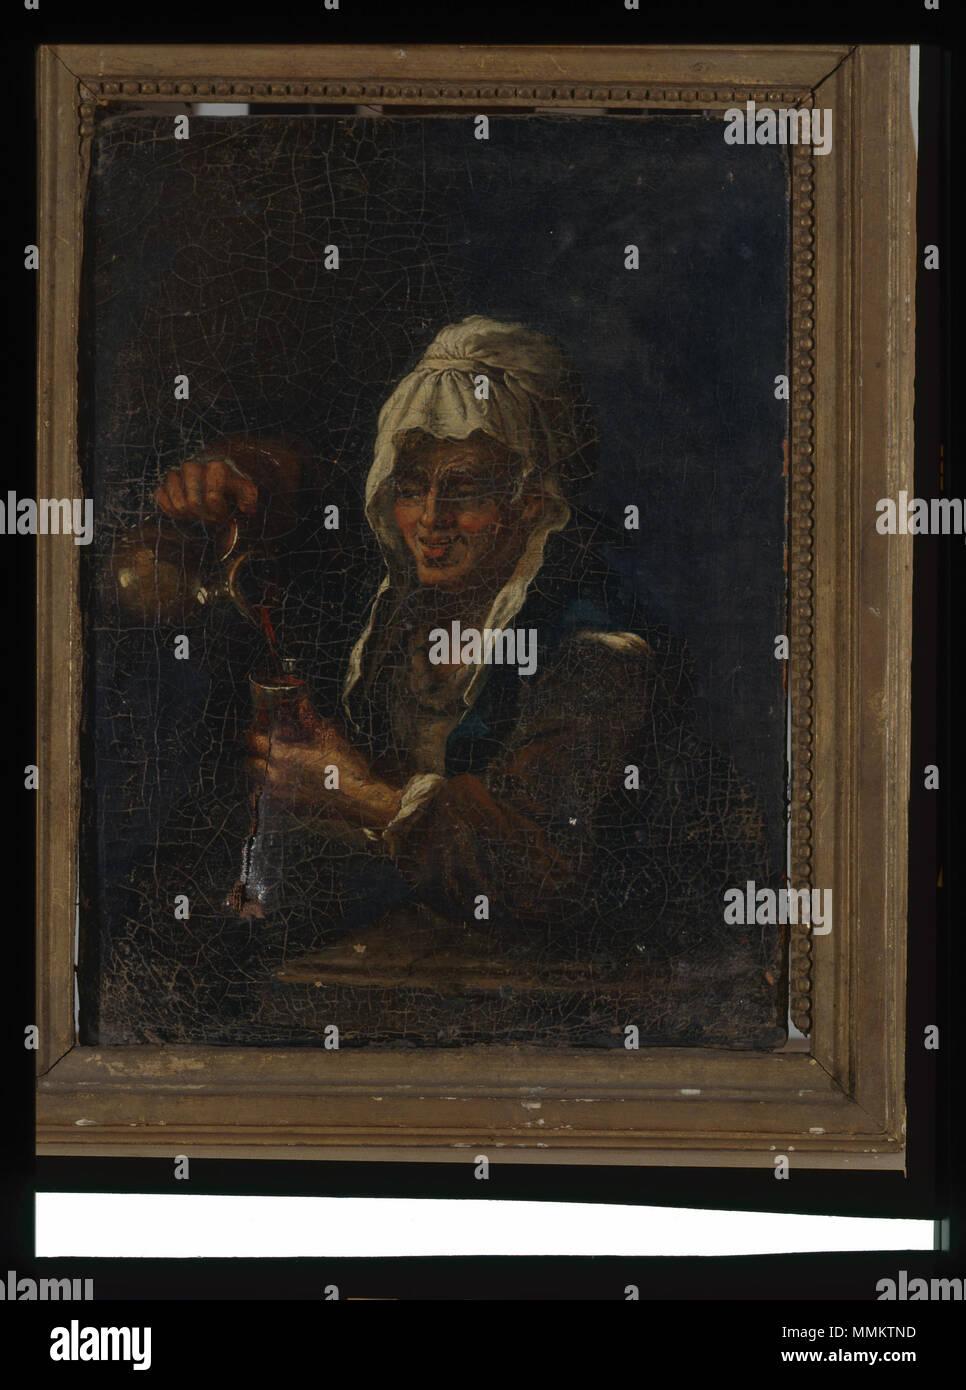 - Buveuse anonyme - Musée d'art et d'histoire de Saint-Brieuc, DOC 106 Foto de stock